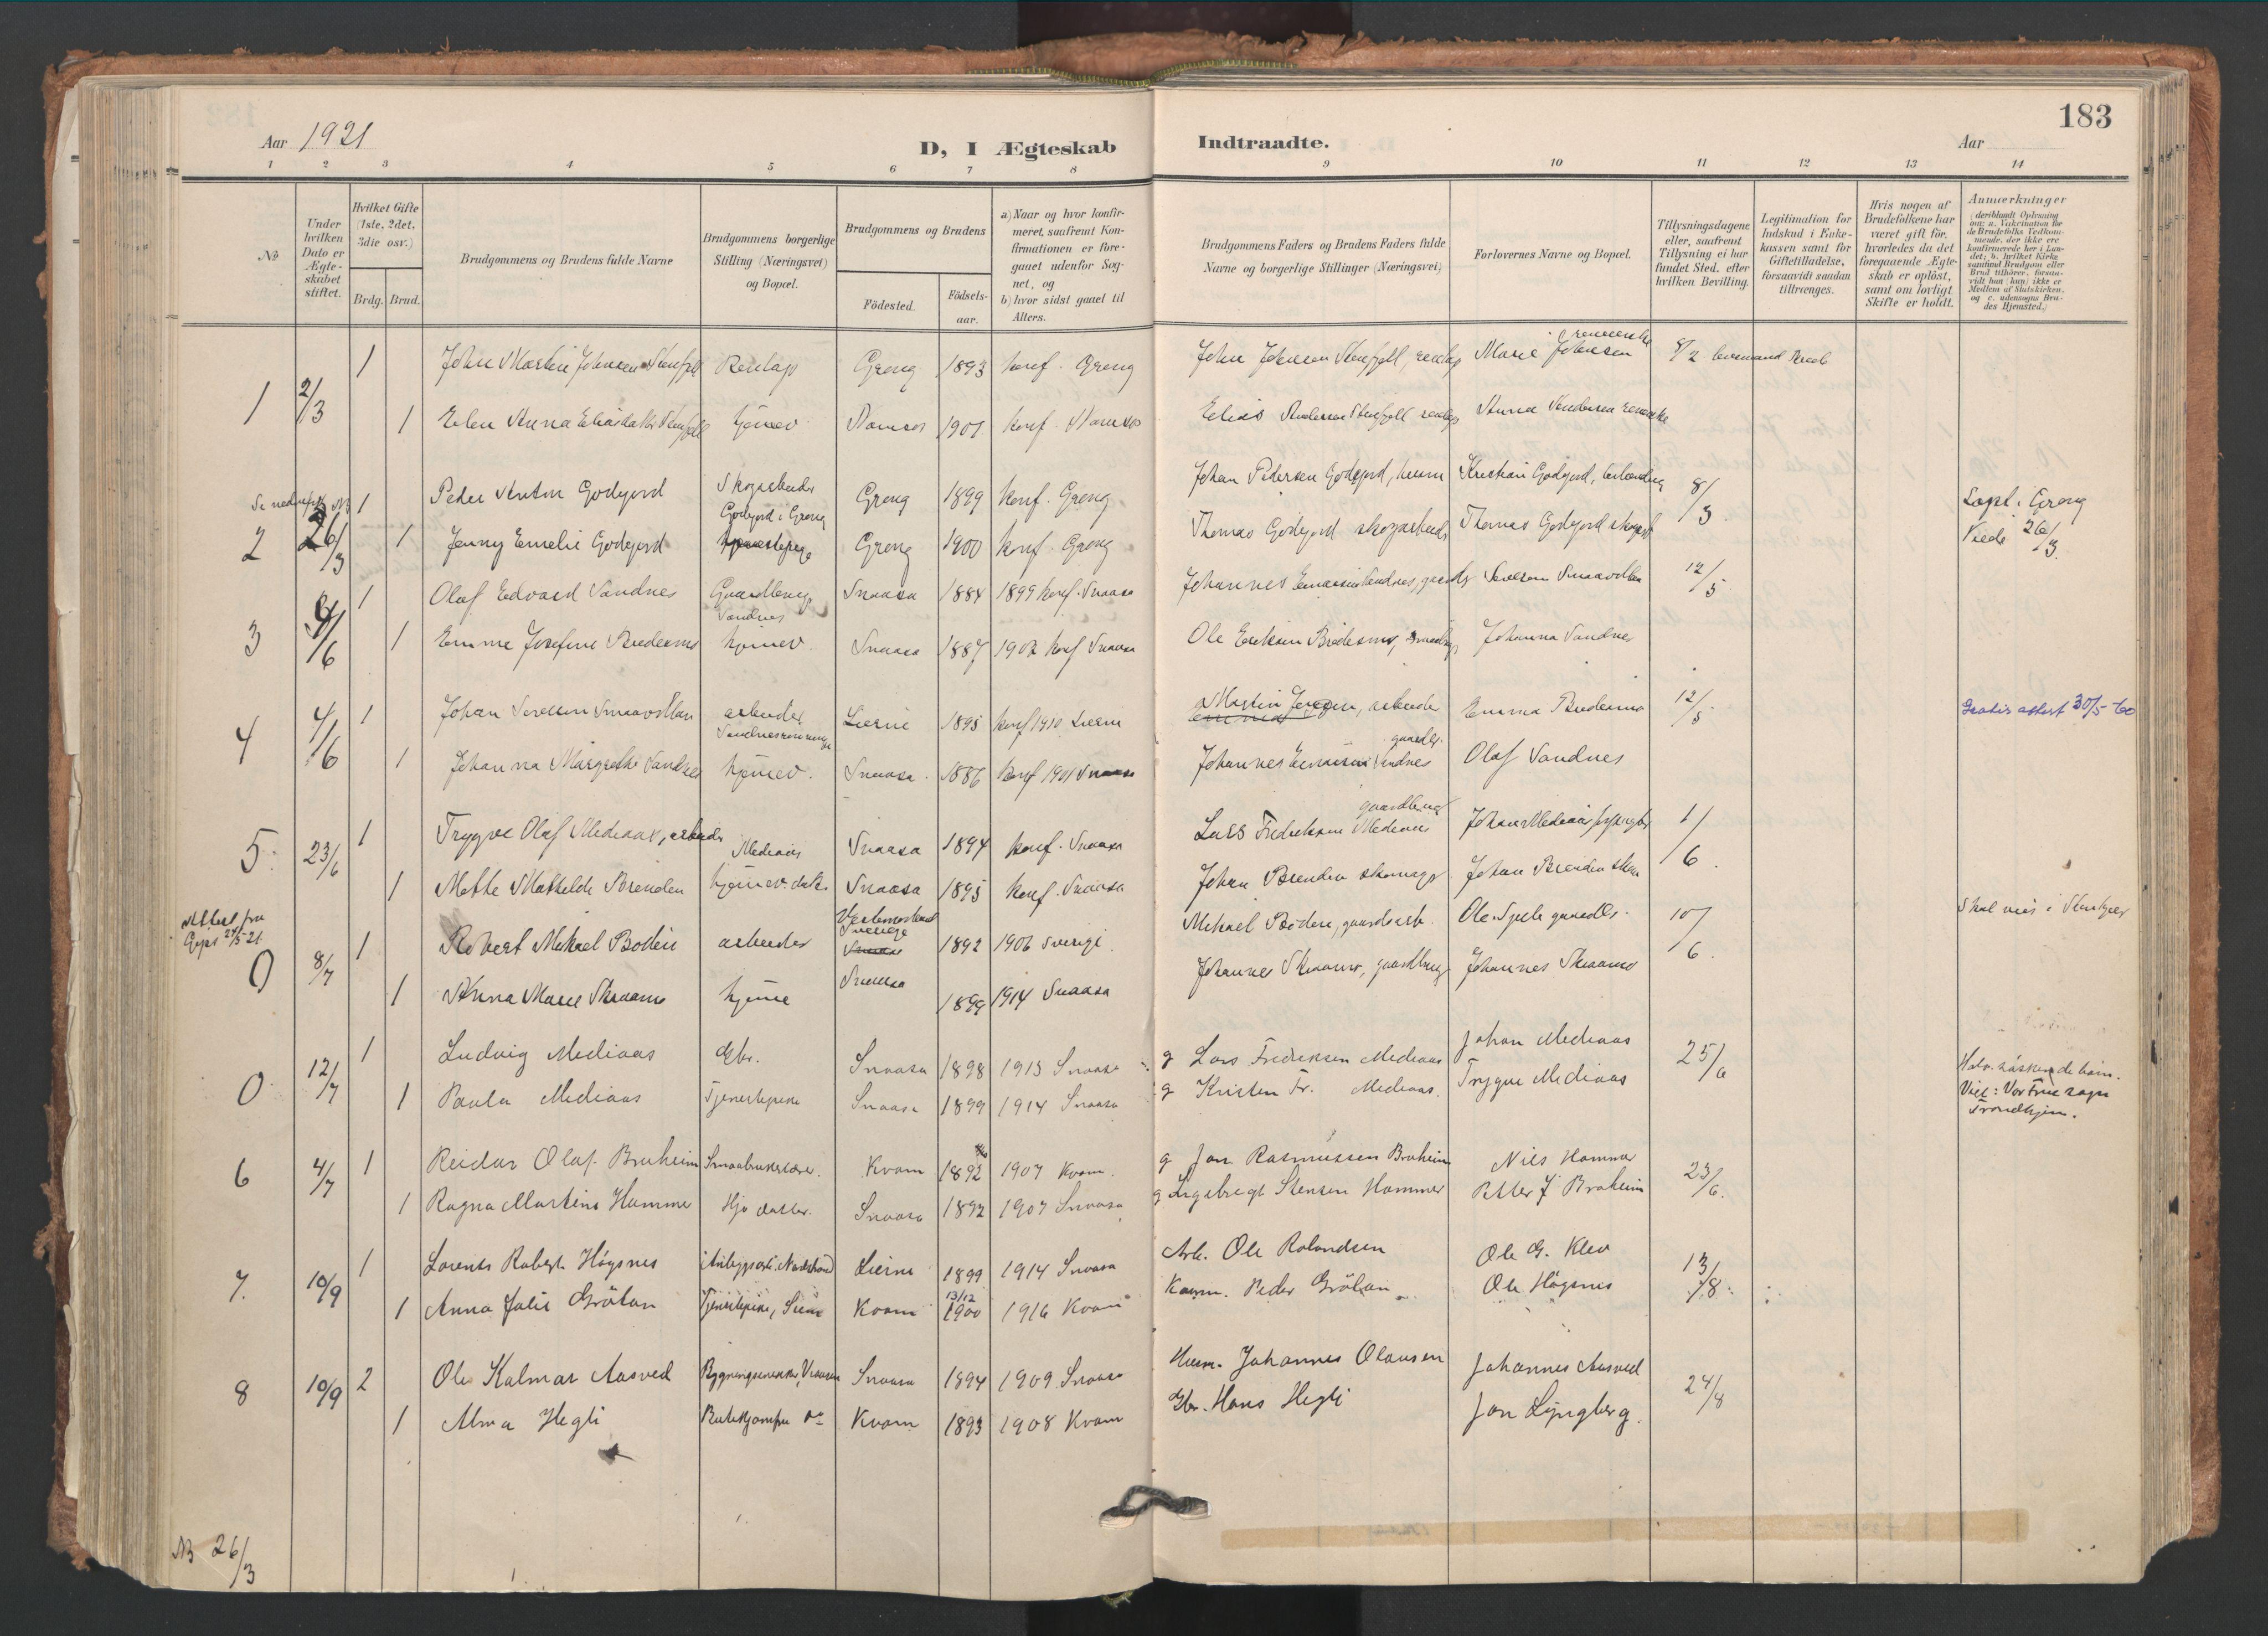 SAT, Ministerialprotokoller, klokkerbøker og fødselsregistre - Nord-Trøndelag, 749/L0477: Ministerialbok nr. 749A11, 1902-1927, s. 183